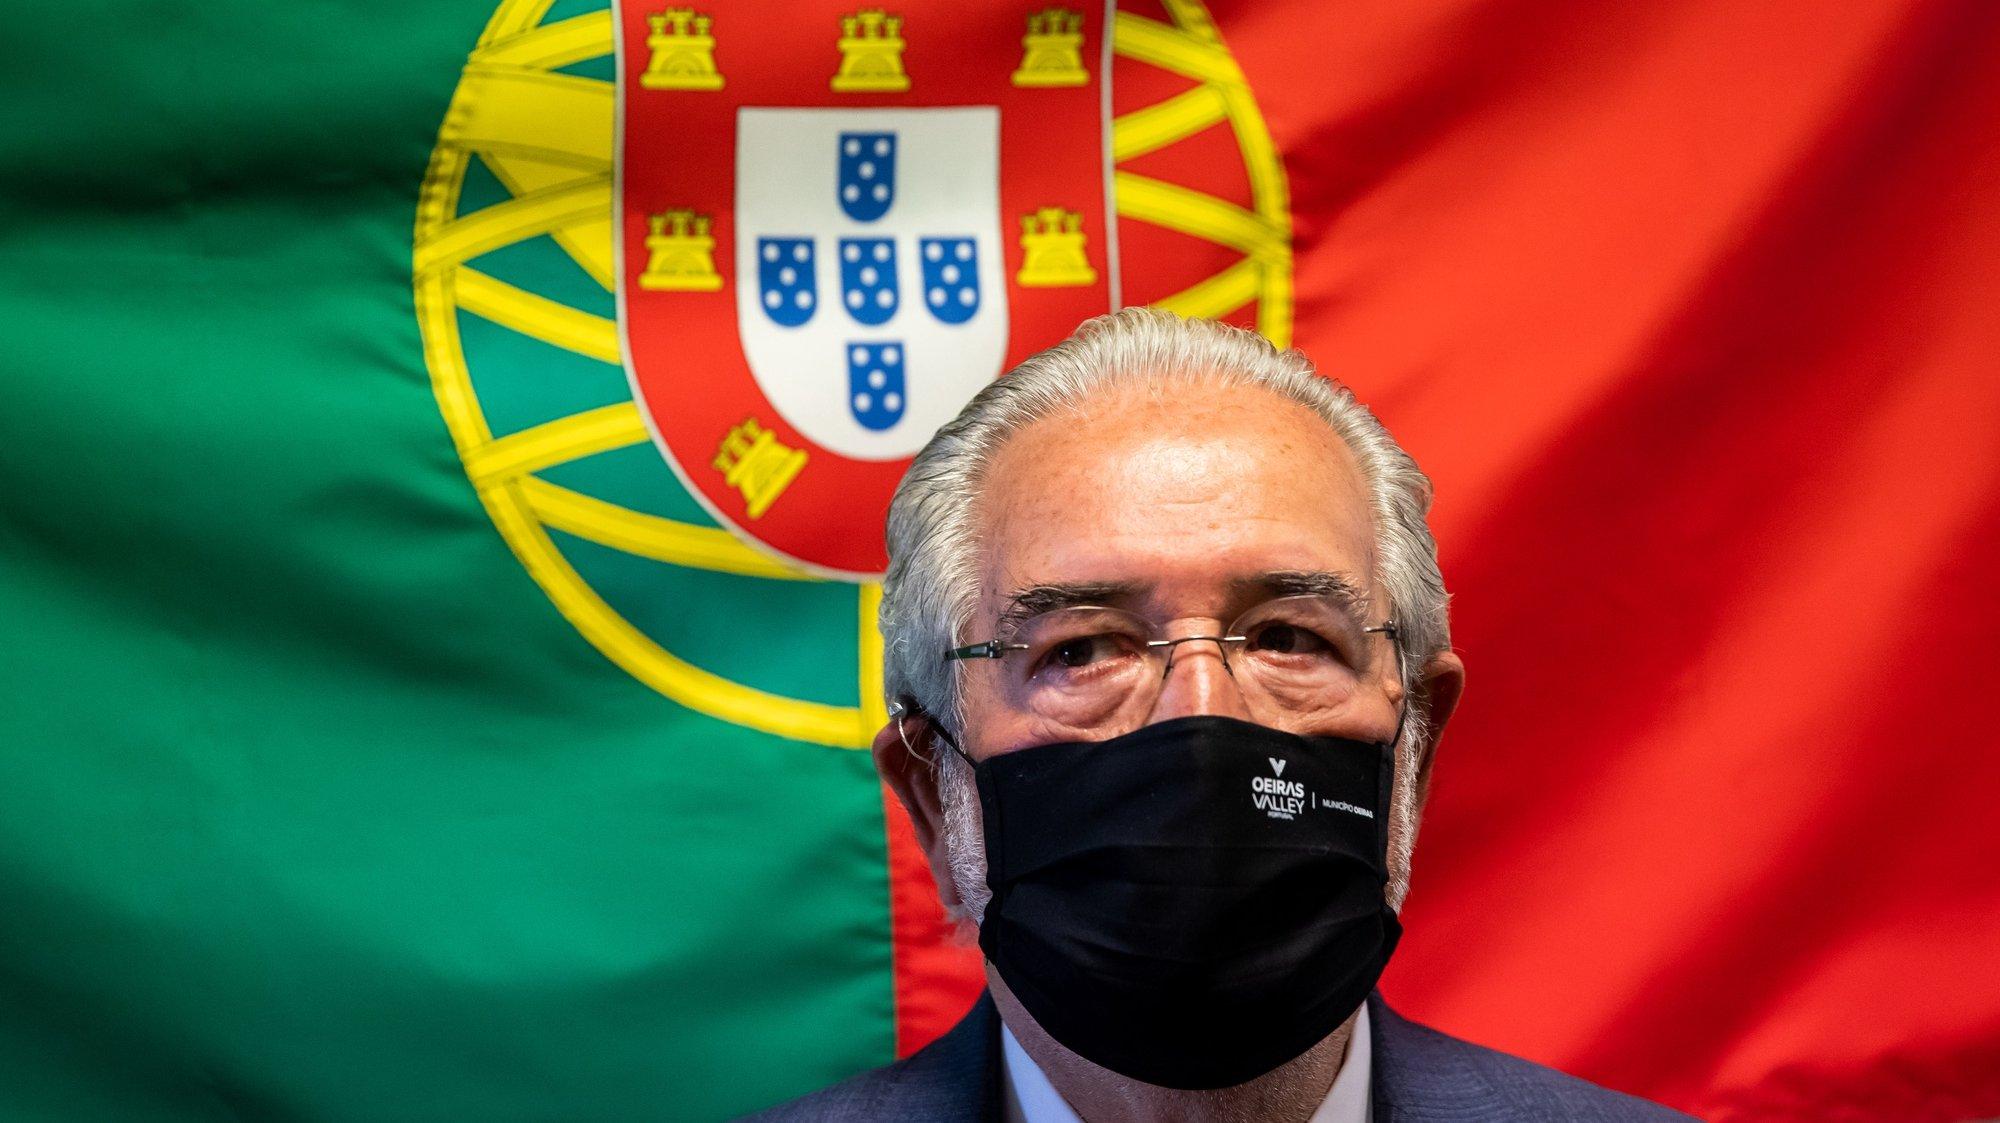 O presidente da Câmara Municipal de Oeiras, Isaltino Morais, durante a inauguração das instalações provisórias da Unidade de Saúde Mental de Oeiras do Serviço de Psiquiatria do Centro Hospitalar Lisboa Ocidental (CHLO), em Oeiras, 25 de maio de 2021. JOSÉ SENA GOULÃO/LUSA